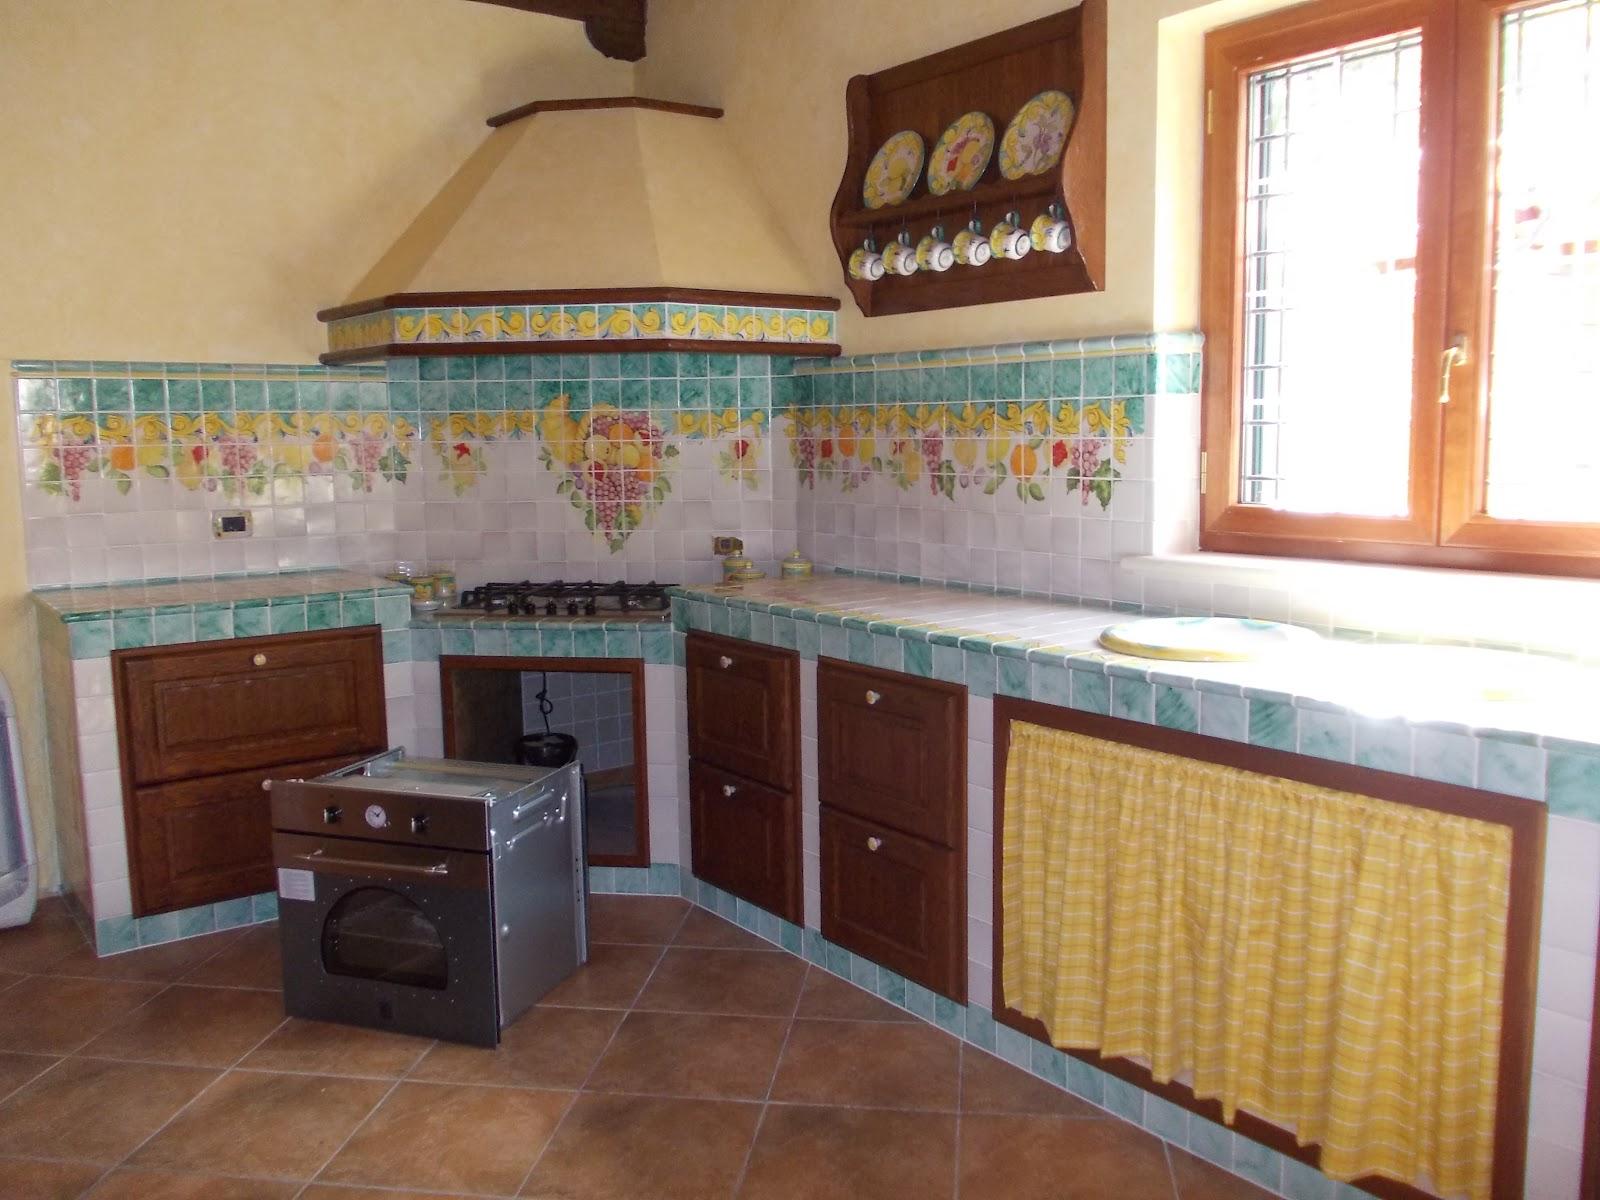 Pannelli Decorativi Per Cucina. Great Pannelli Per Cucine ...